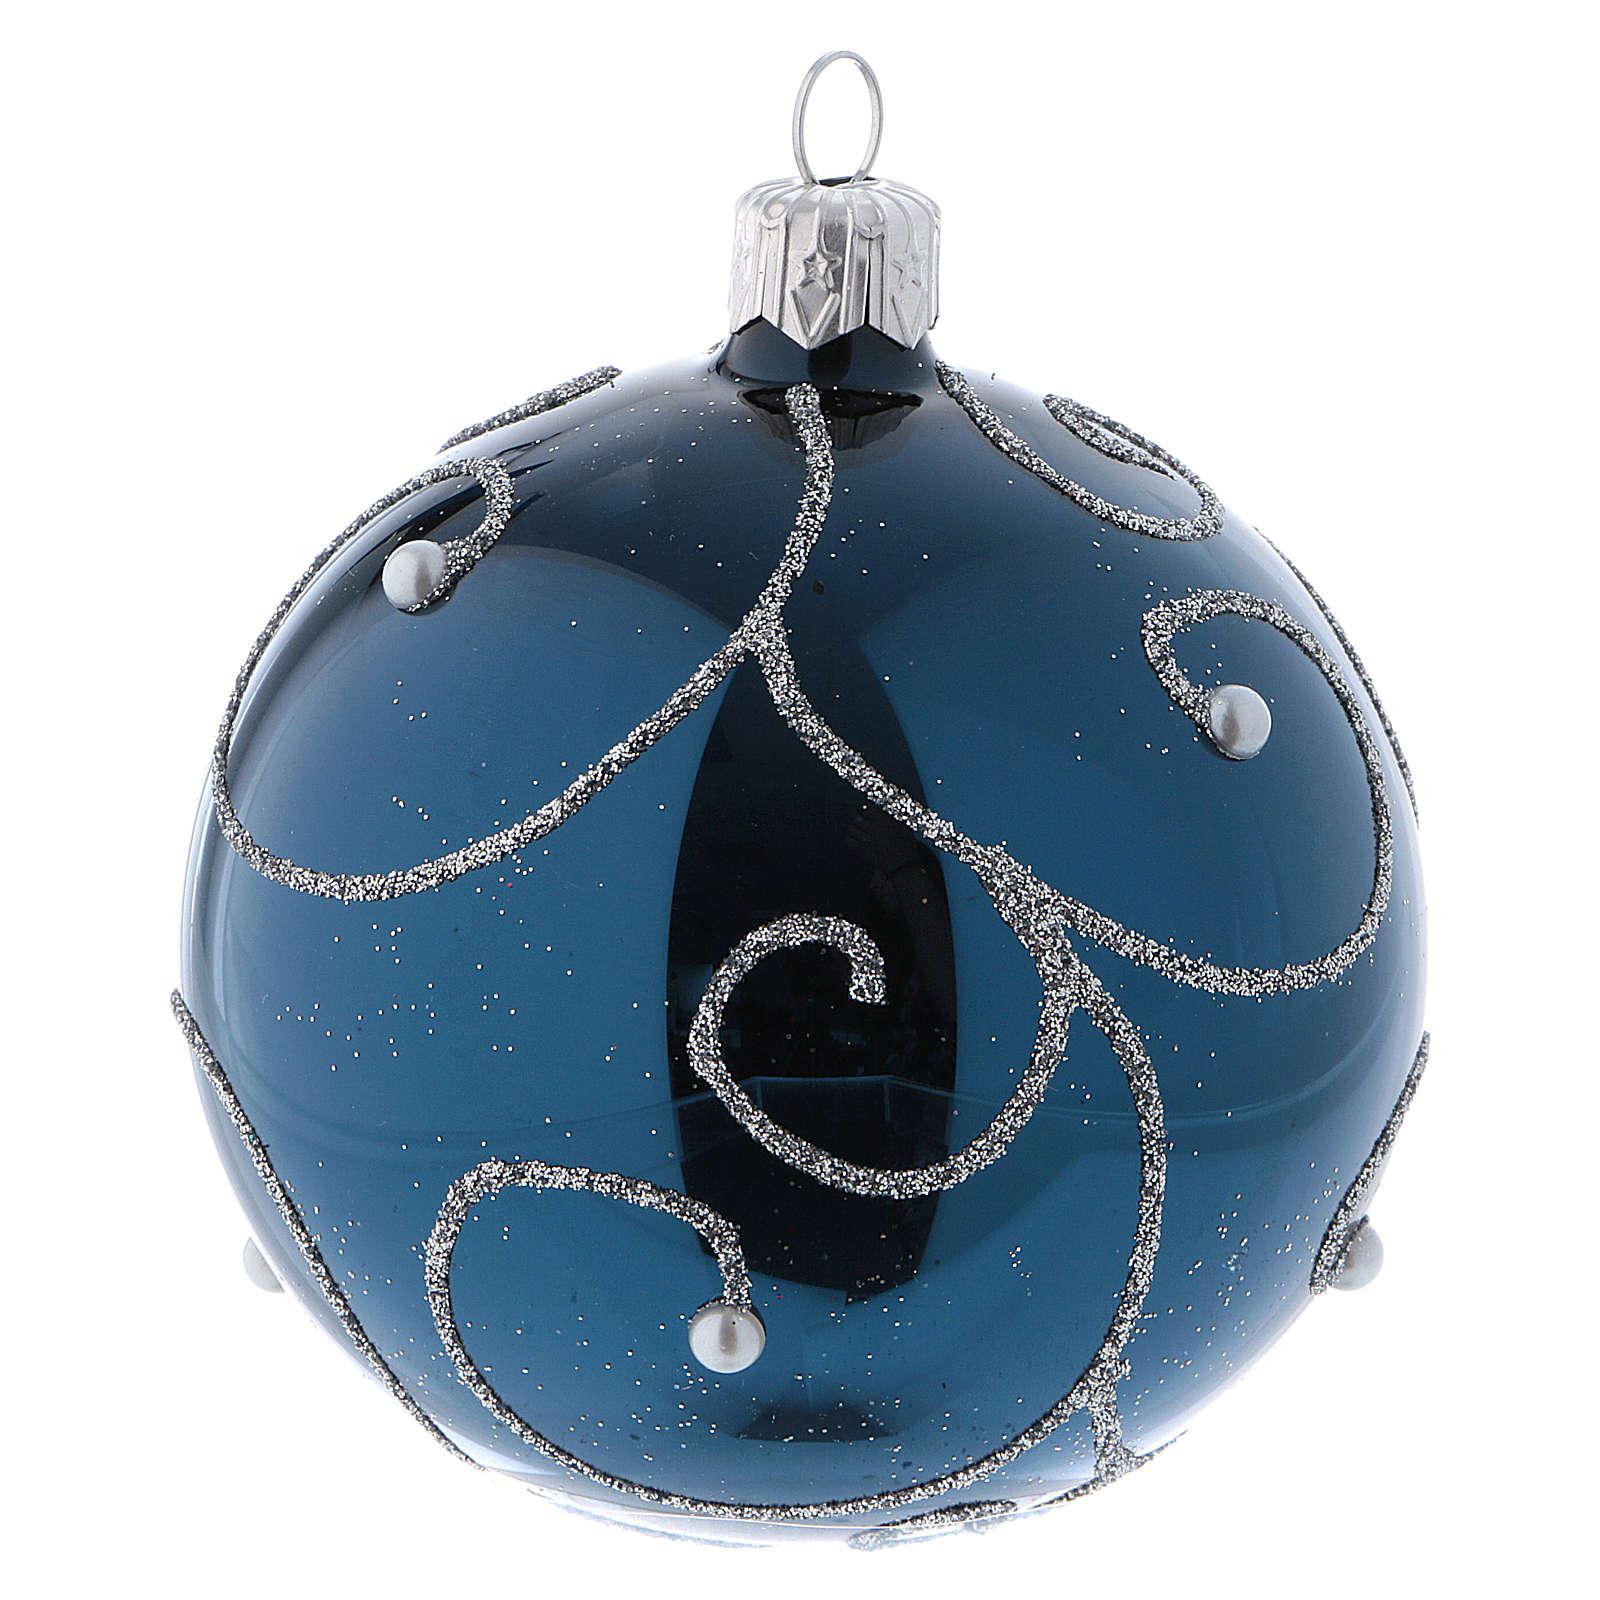 Weihnachtskugeln Blau.Weihnachtskugeln Aus Glas 6er Set Grundton Blau Mit Silbernen Verzierungen Glitter 80 Mm